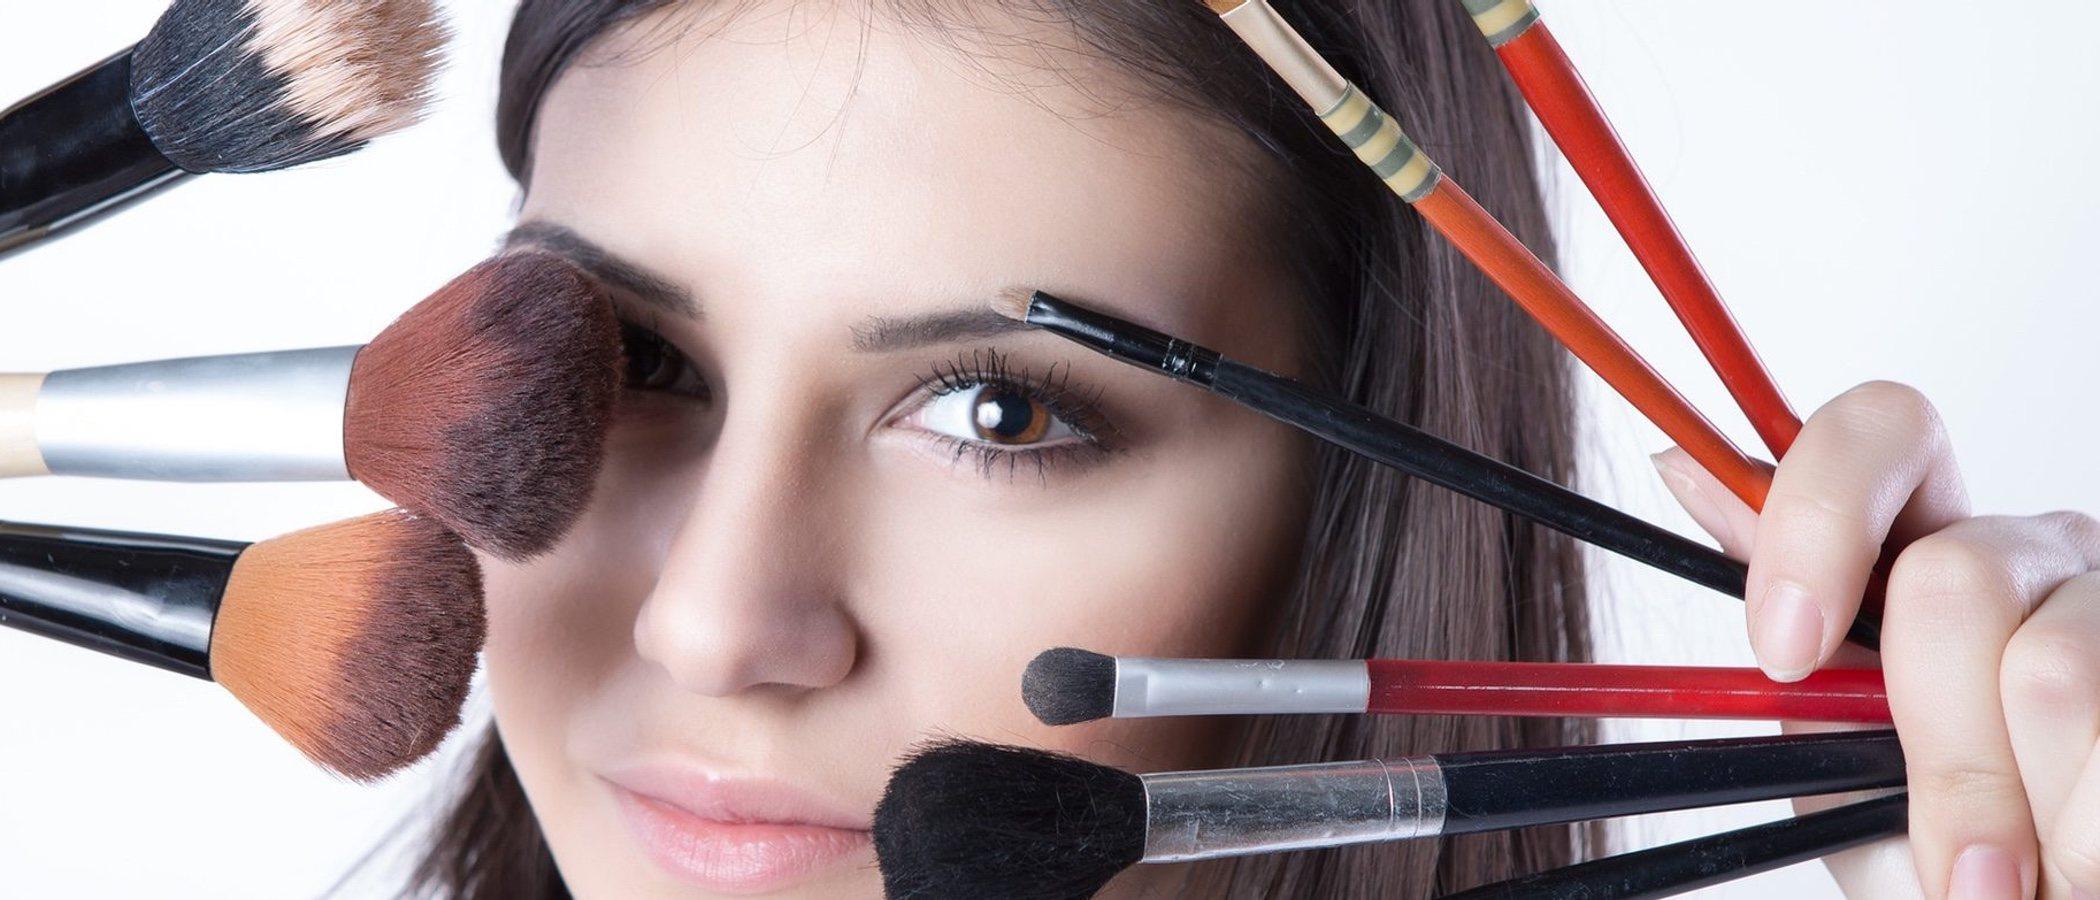 Cómo maquillarse correctamente: 3 trucos que no pueden faltar